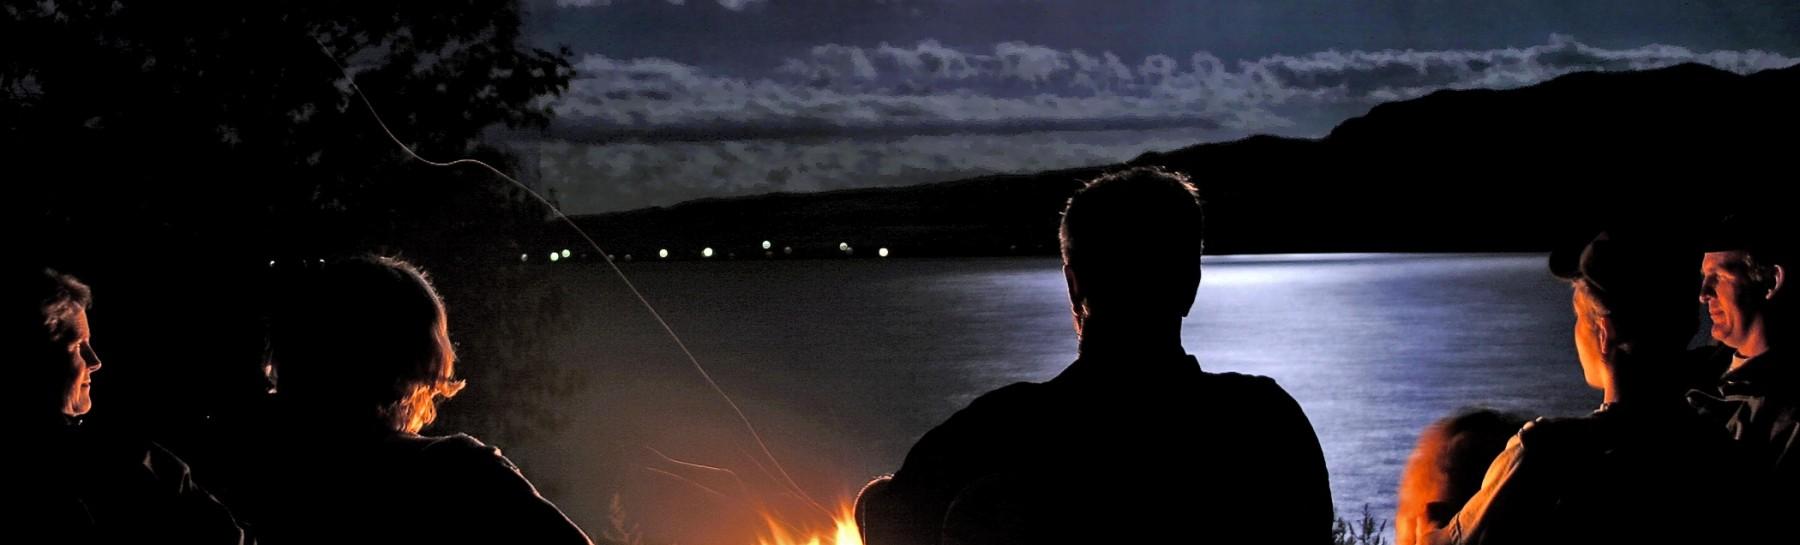 Campfire jpeg